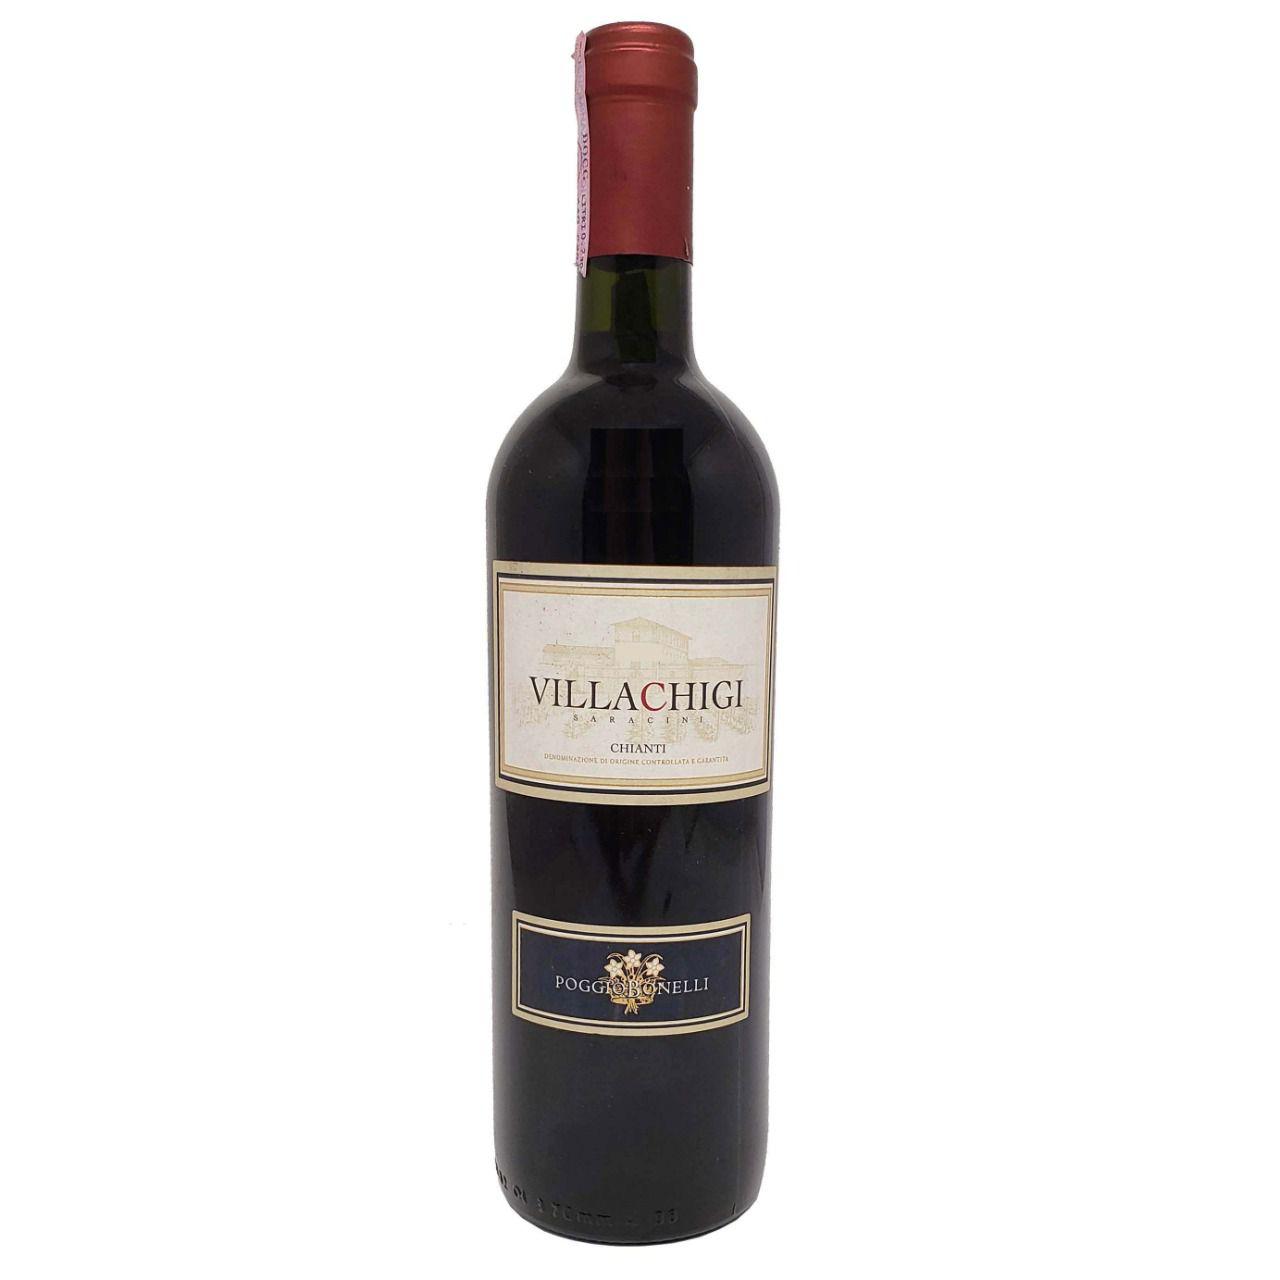 Vinho Tinto Villachigi DOCG Chianti Poggio Bonelli - 750ml -